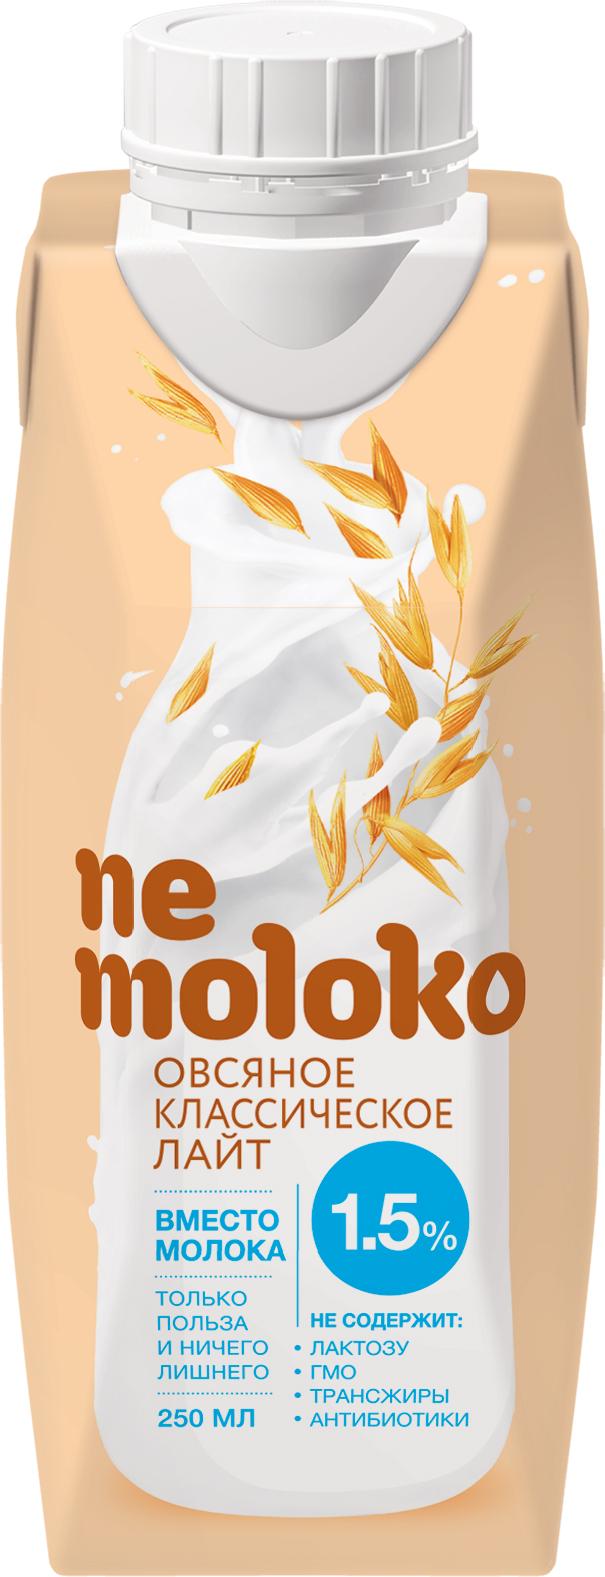 Купить Напитки, Nemoloko Лайт классический овсяный с 3 лет 250 мл, Россия